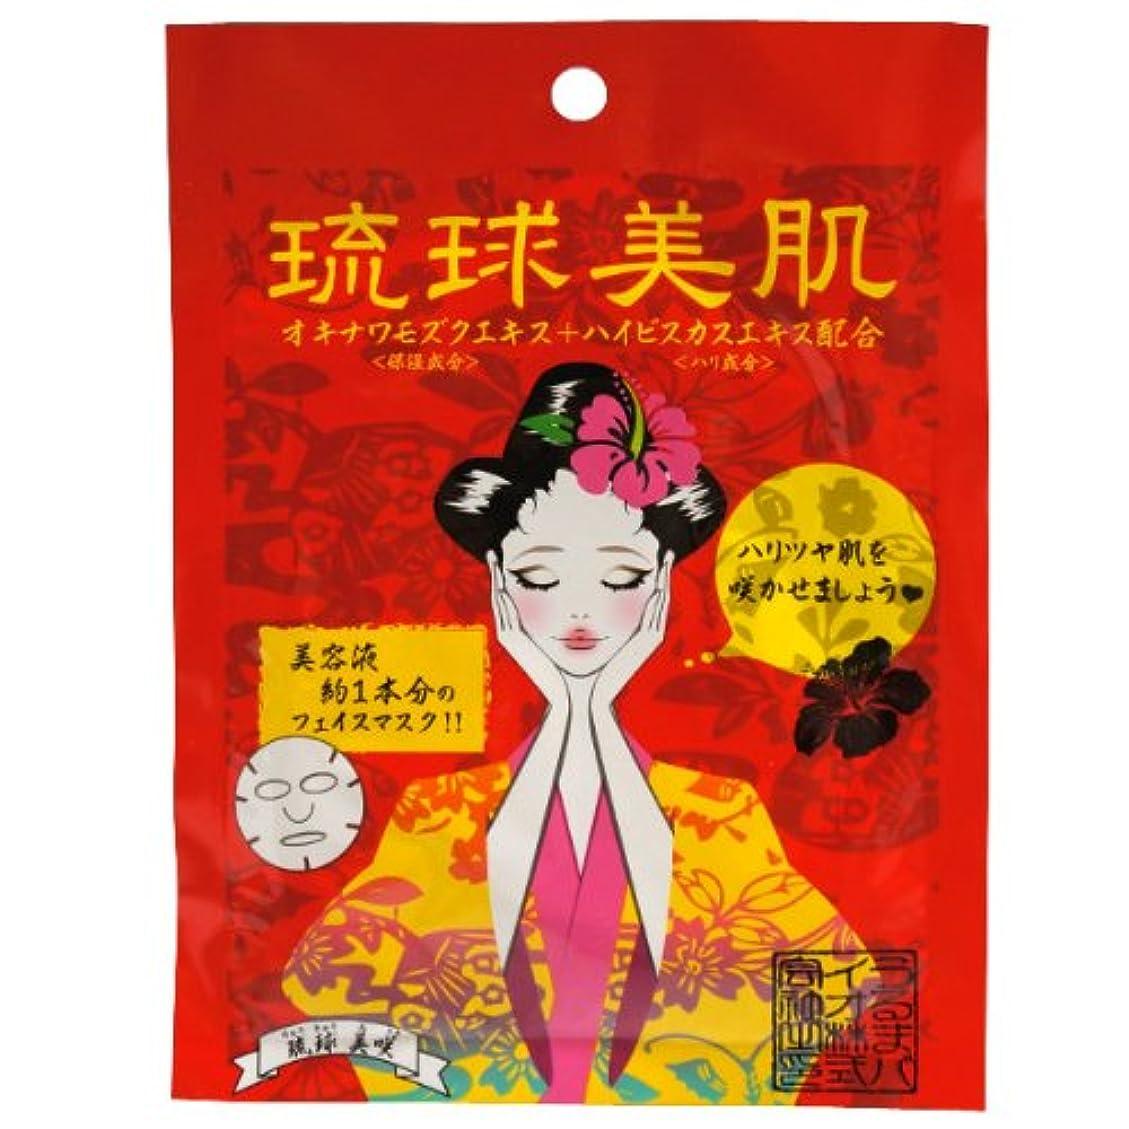 クスクスアジアペレグリネーション琉球美肌 ハイビスカスの香り